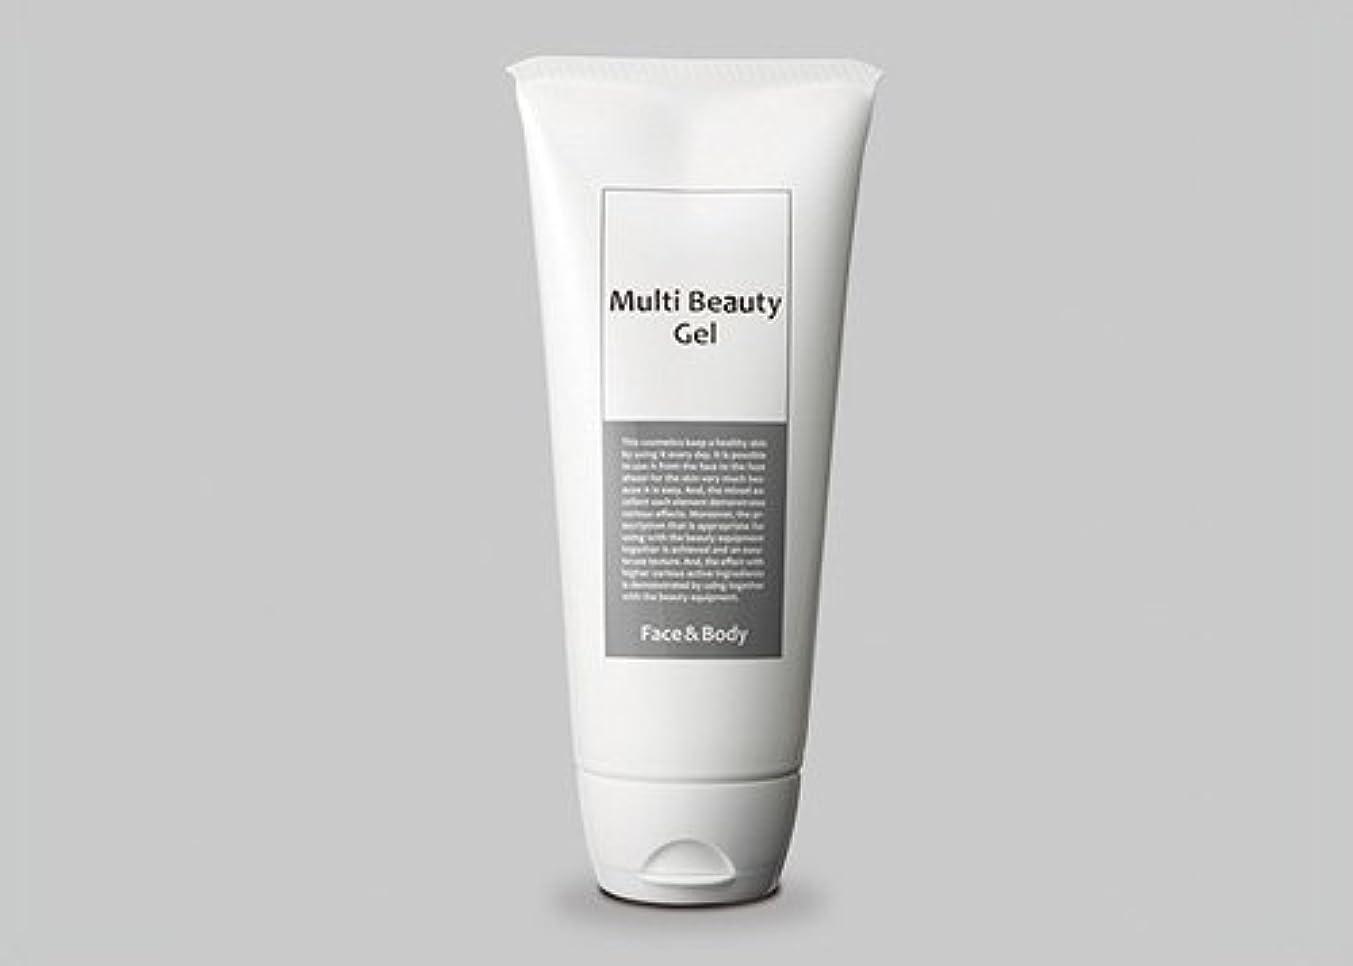 マルチビューティゲル 200g / Multi Beauty Gel